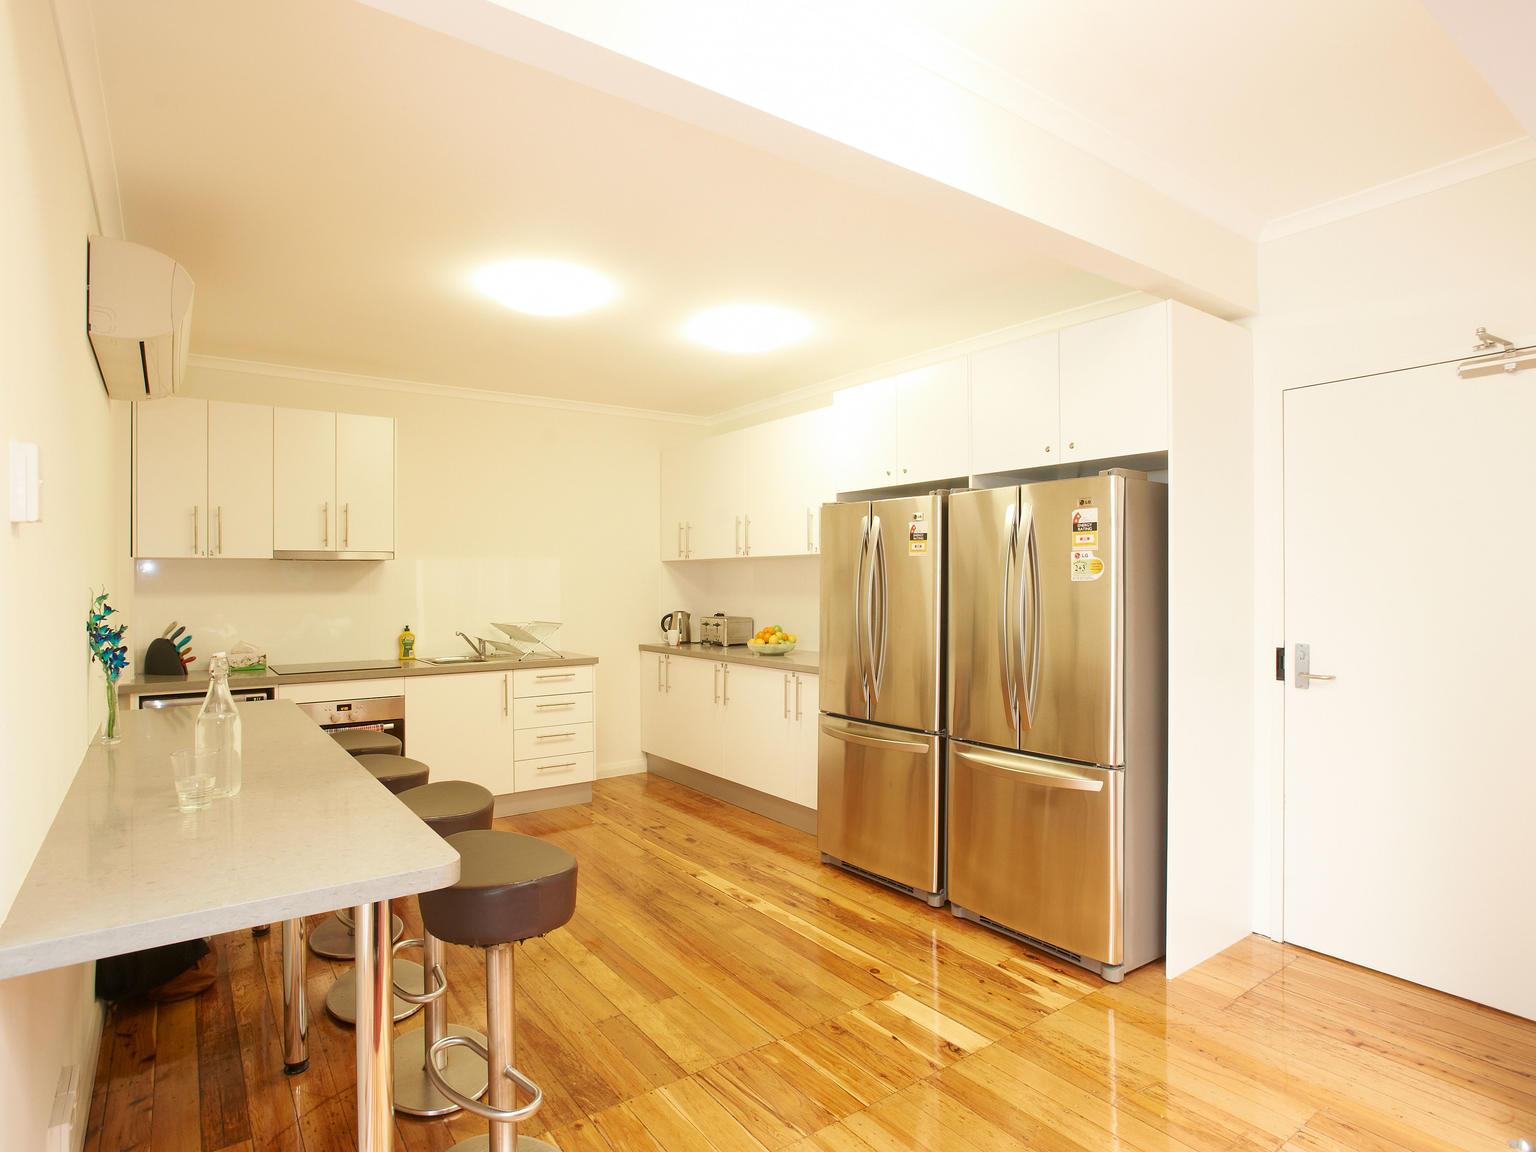 sydney_acc_link2_residence_kitchen_01-1